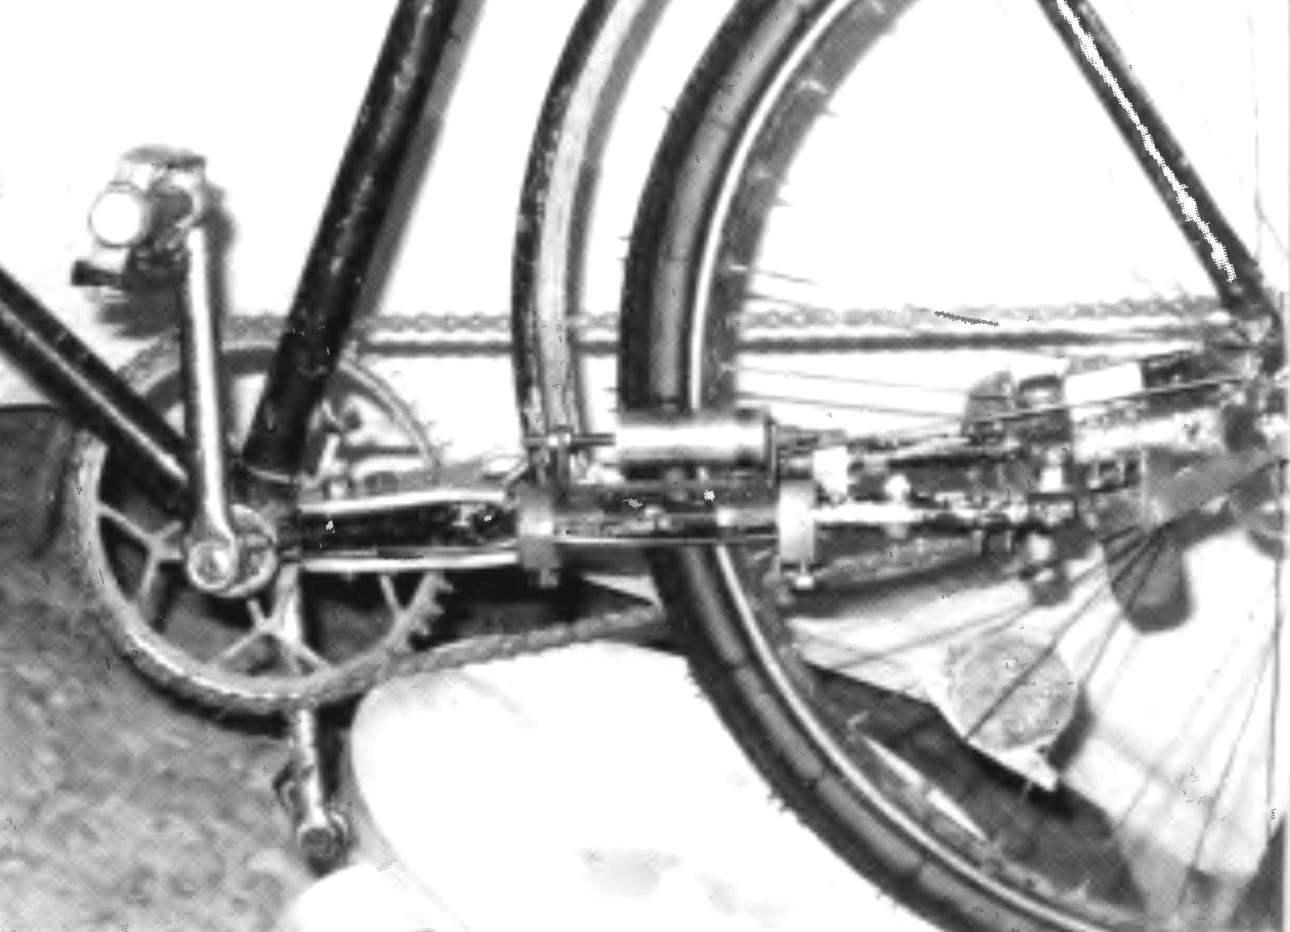 Вид двухшарнирного механизма с левой стороны. Здесь установлен ограничительный ролик. Хорошо видны и наконечники с шатуном